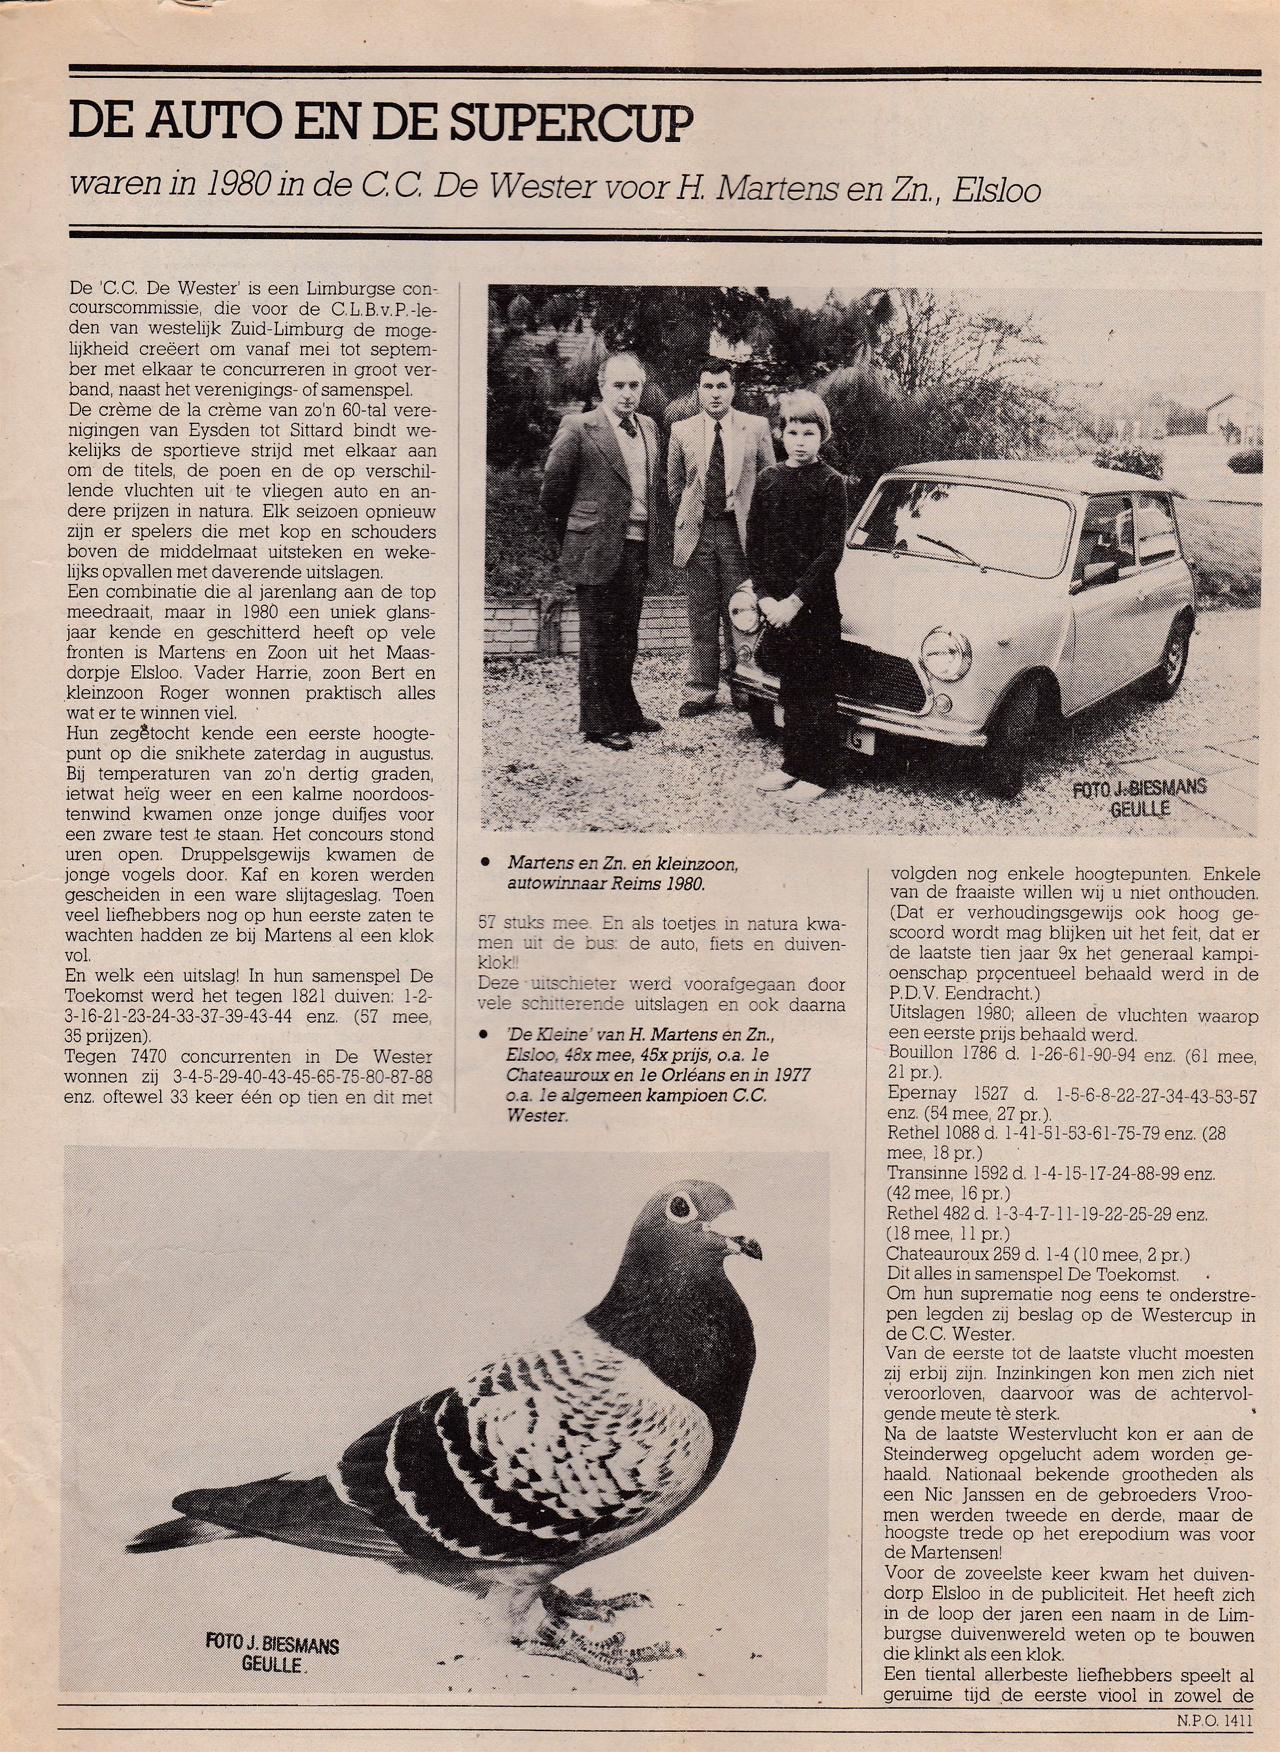 1980 - NPOrgaan Autovlucht 1